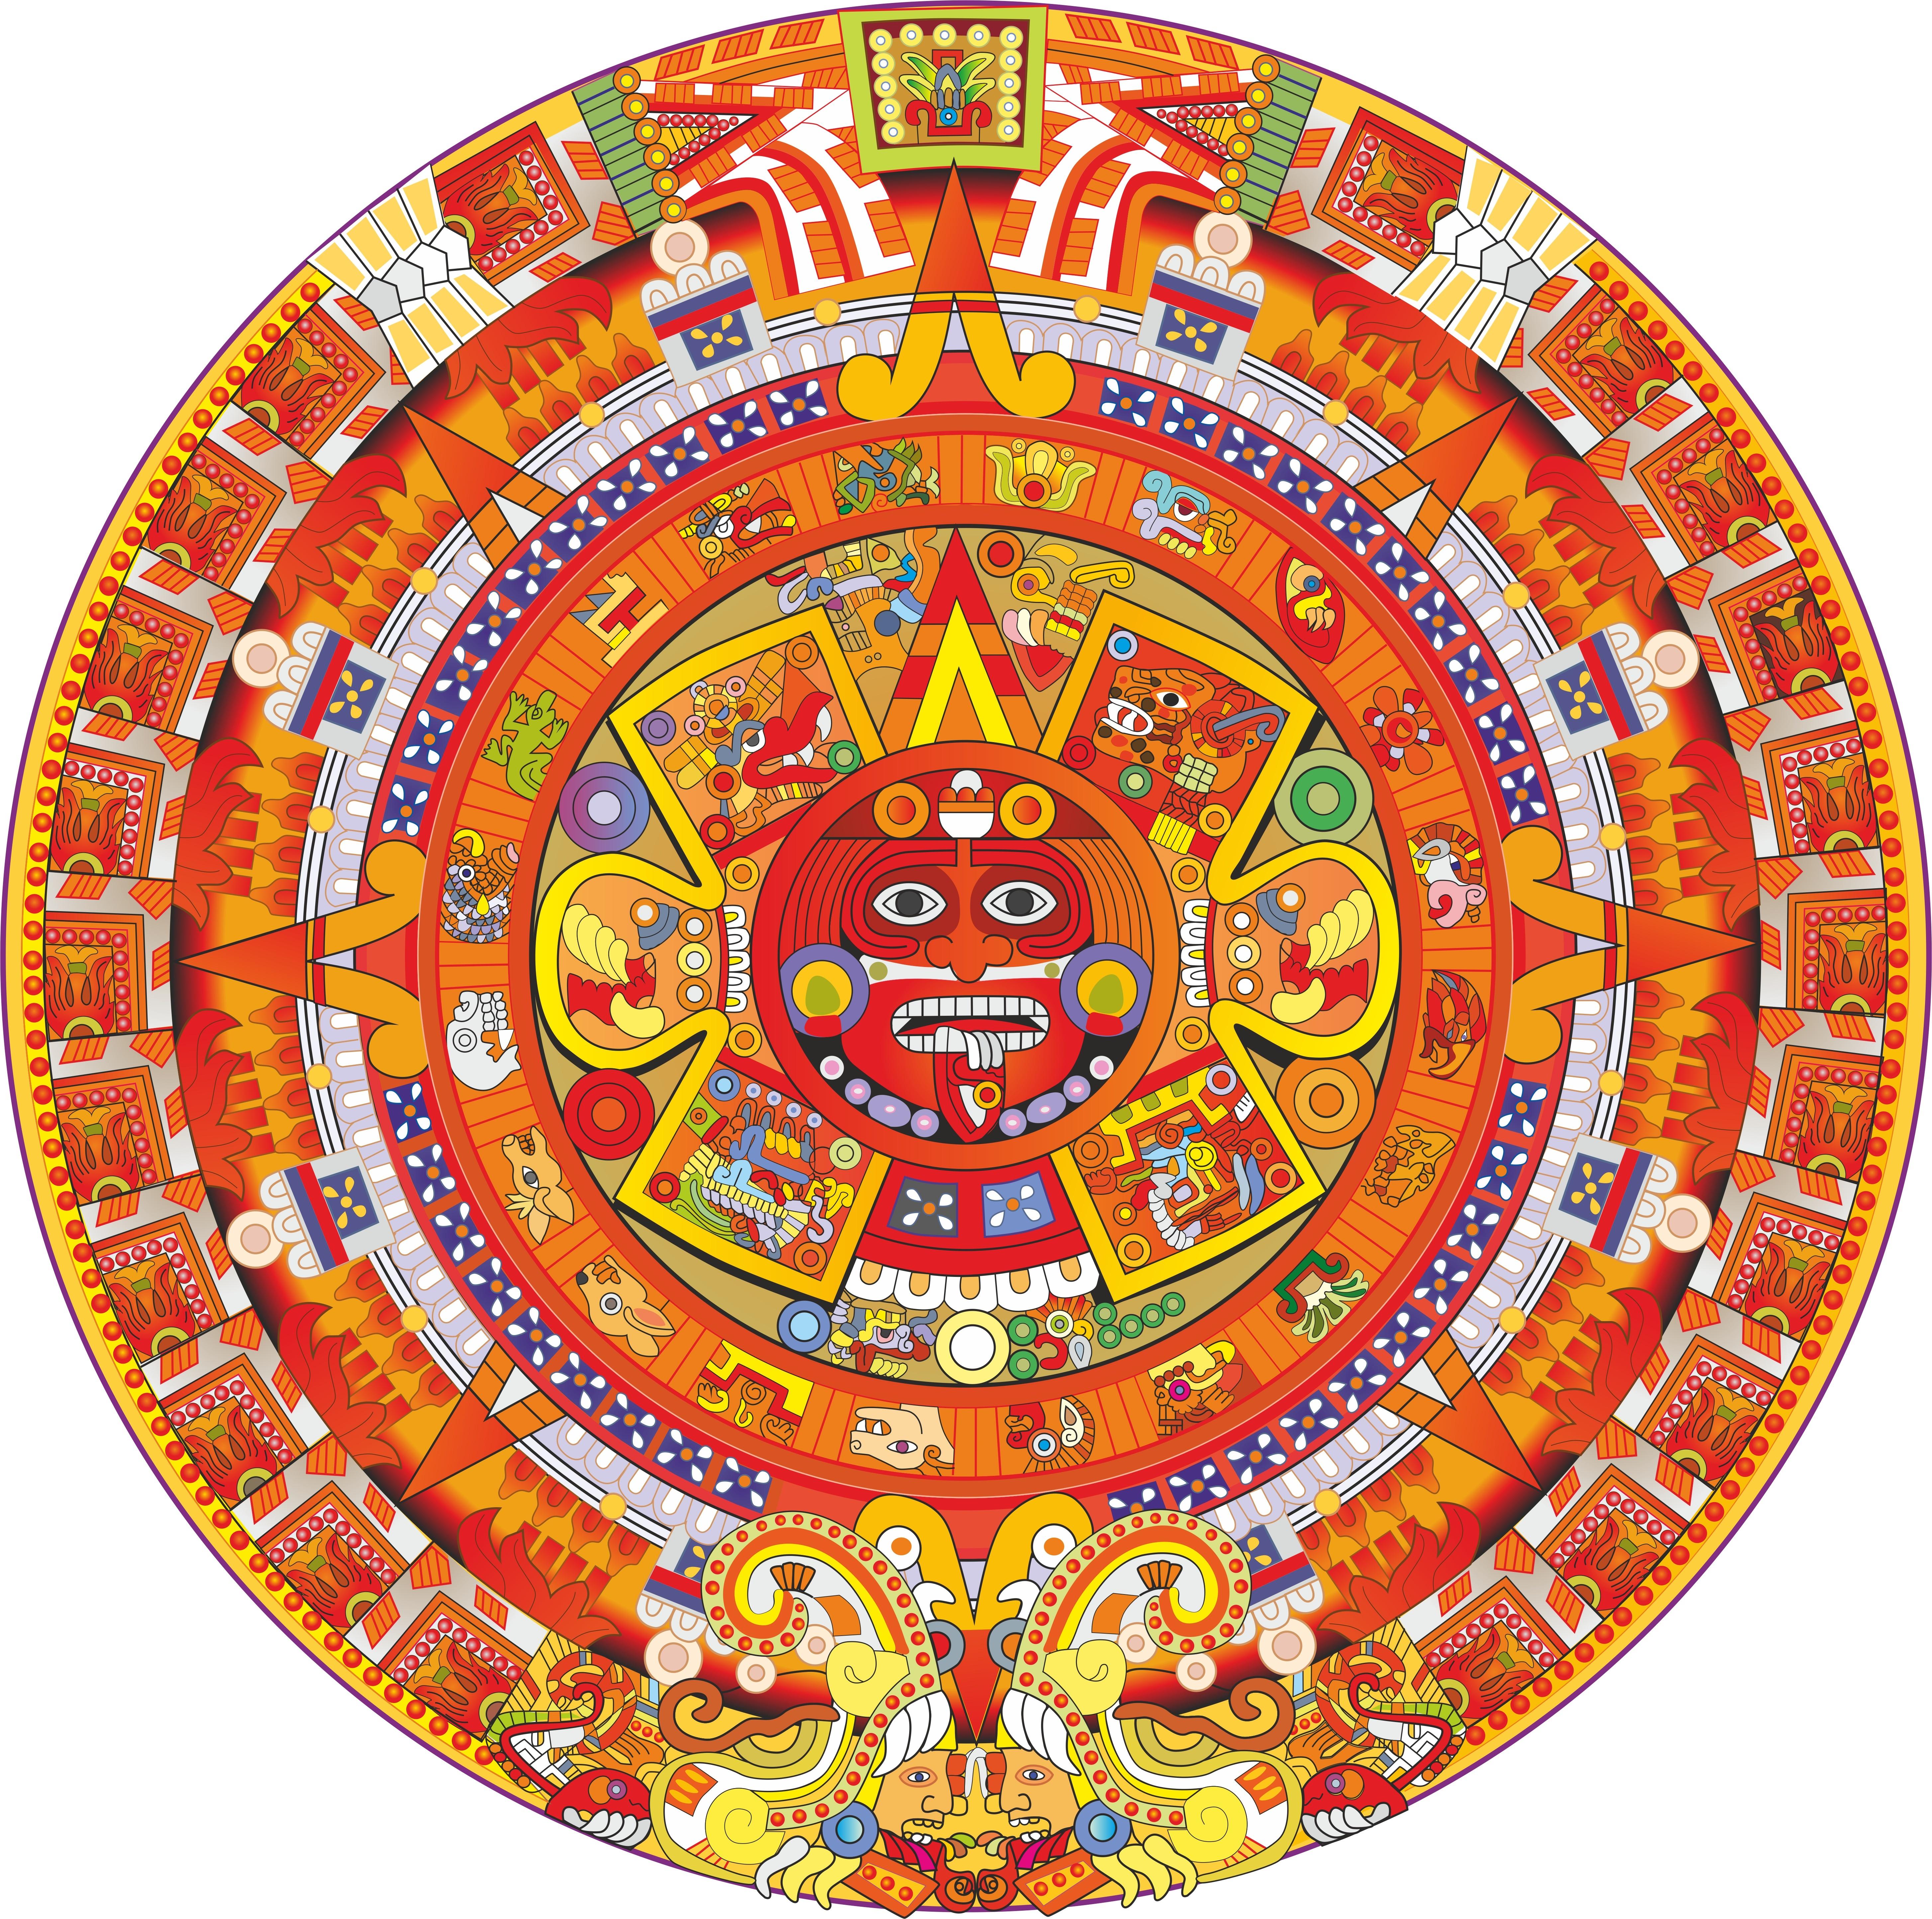 The Mayan calendar. (RoseGarden/Shutterstock)